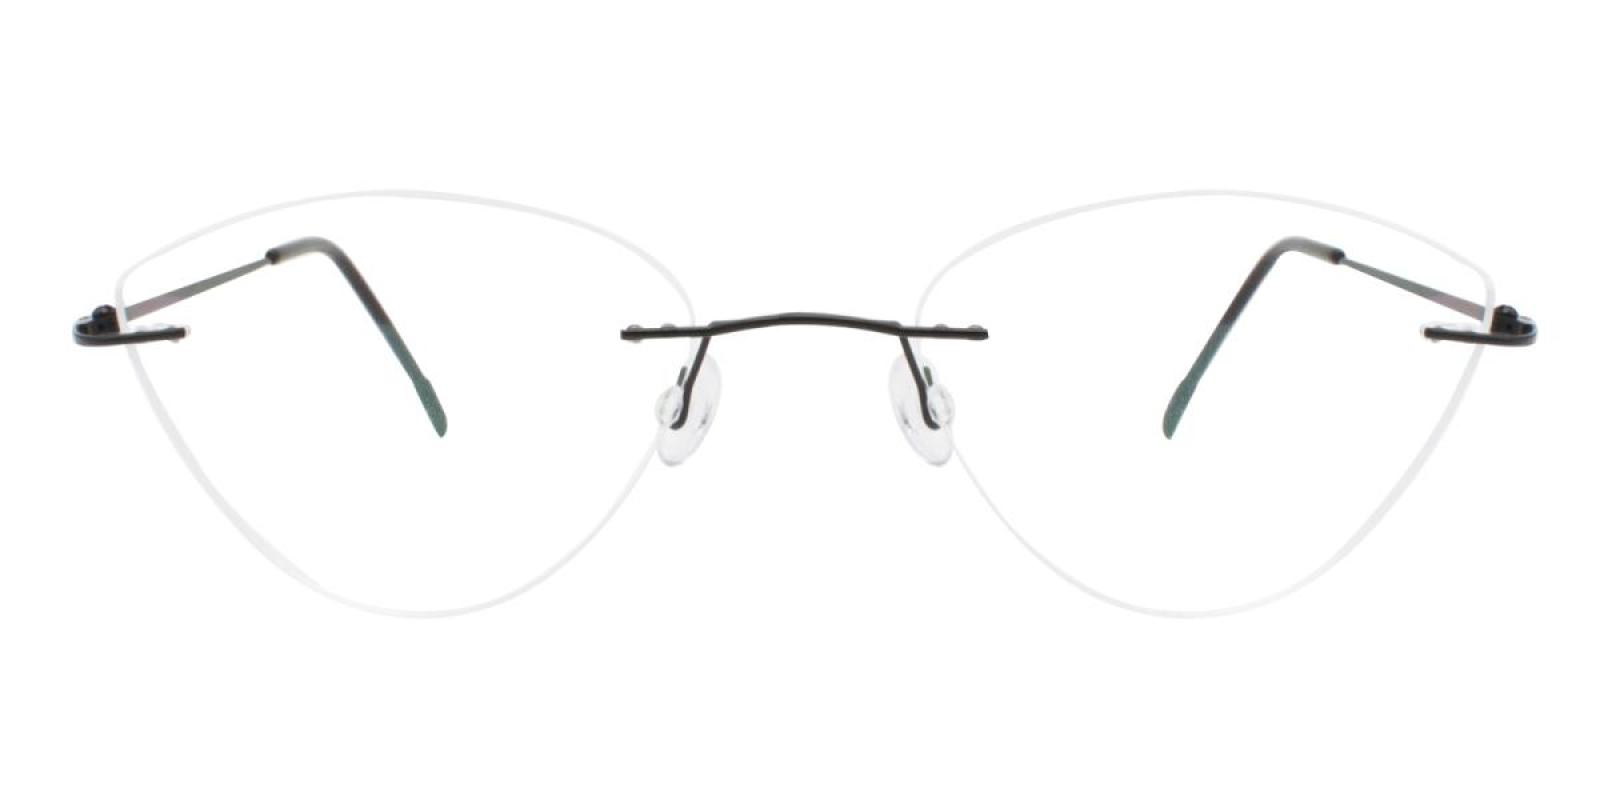 Huram-Black-Cat / Varieties-Metal-Eyeglasses-additional2